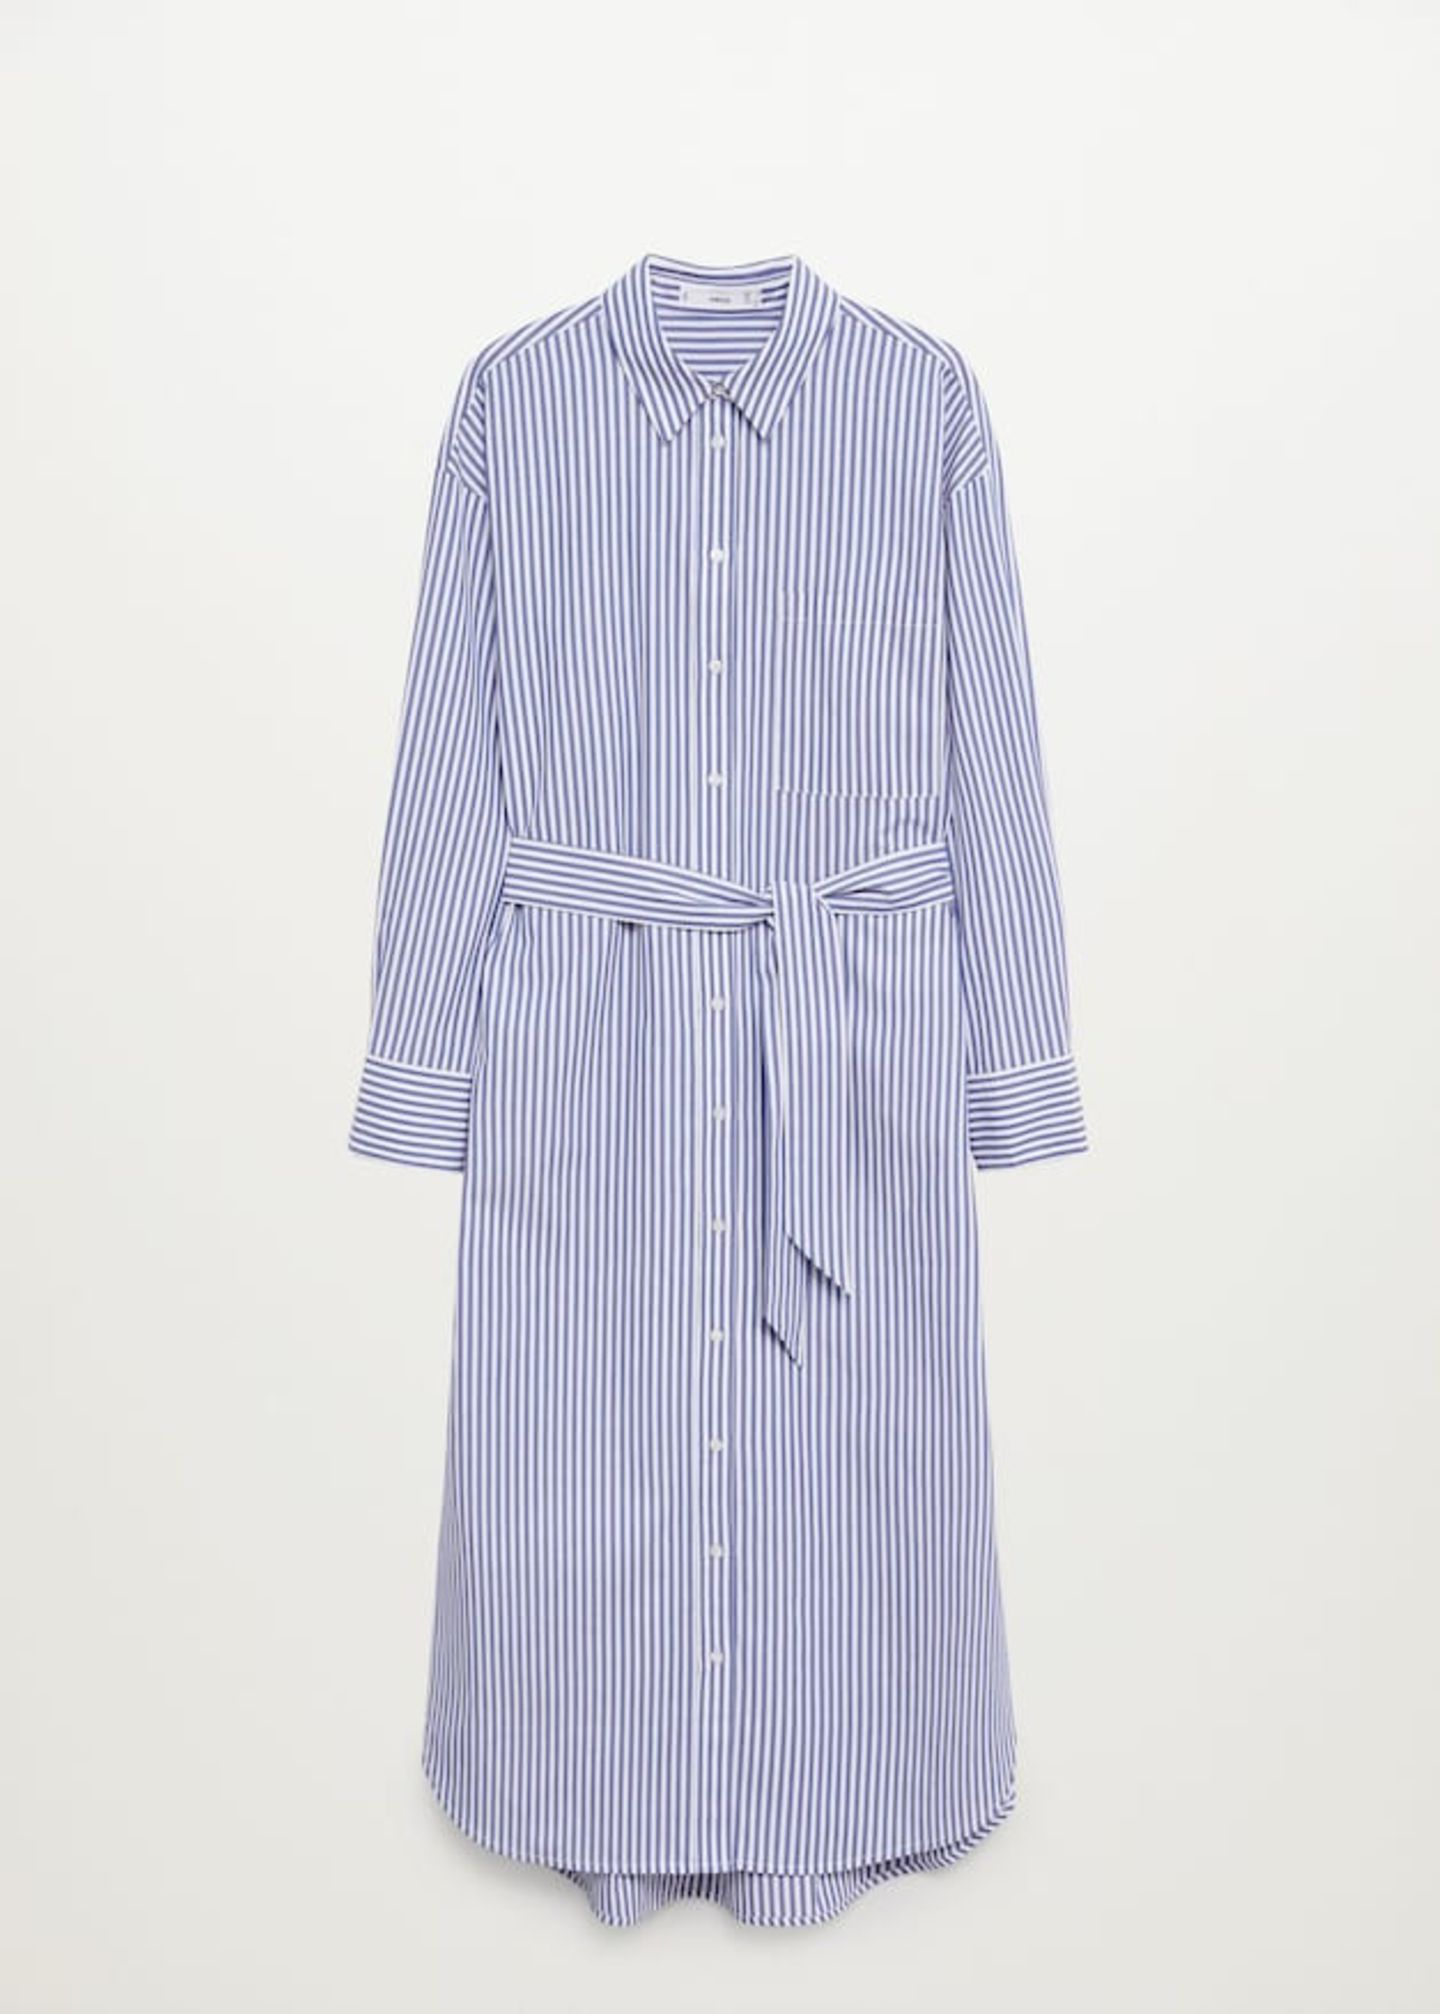 Ein Teil, das alles kann? Diese überlange Bluse kann als cooles Hemdblusenkleid oder über einer Skinnyjeans getragen werden. So oder so – dieses It-Piece darf in keinem Kleiderschrank fehlen. Von Mango, um 40 Euro.